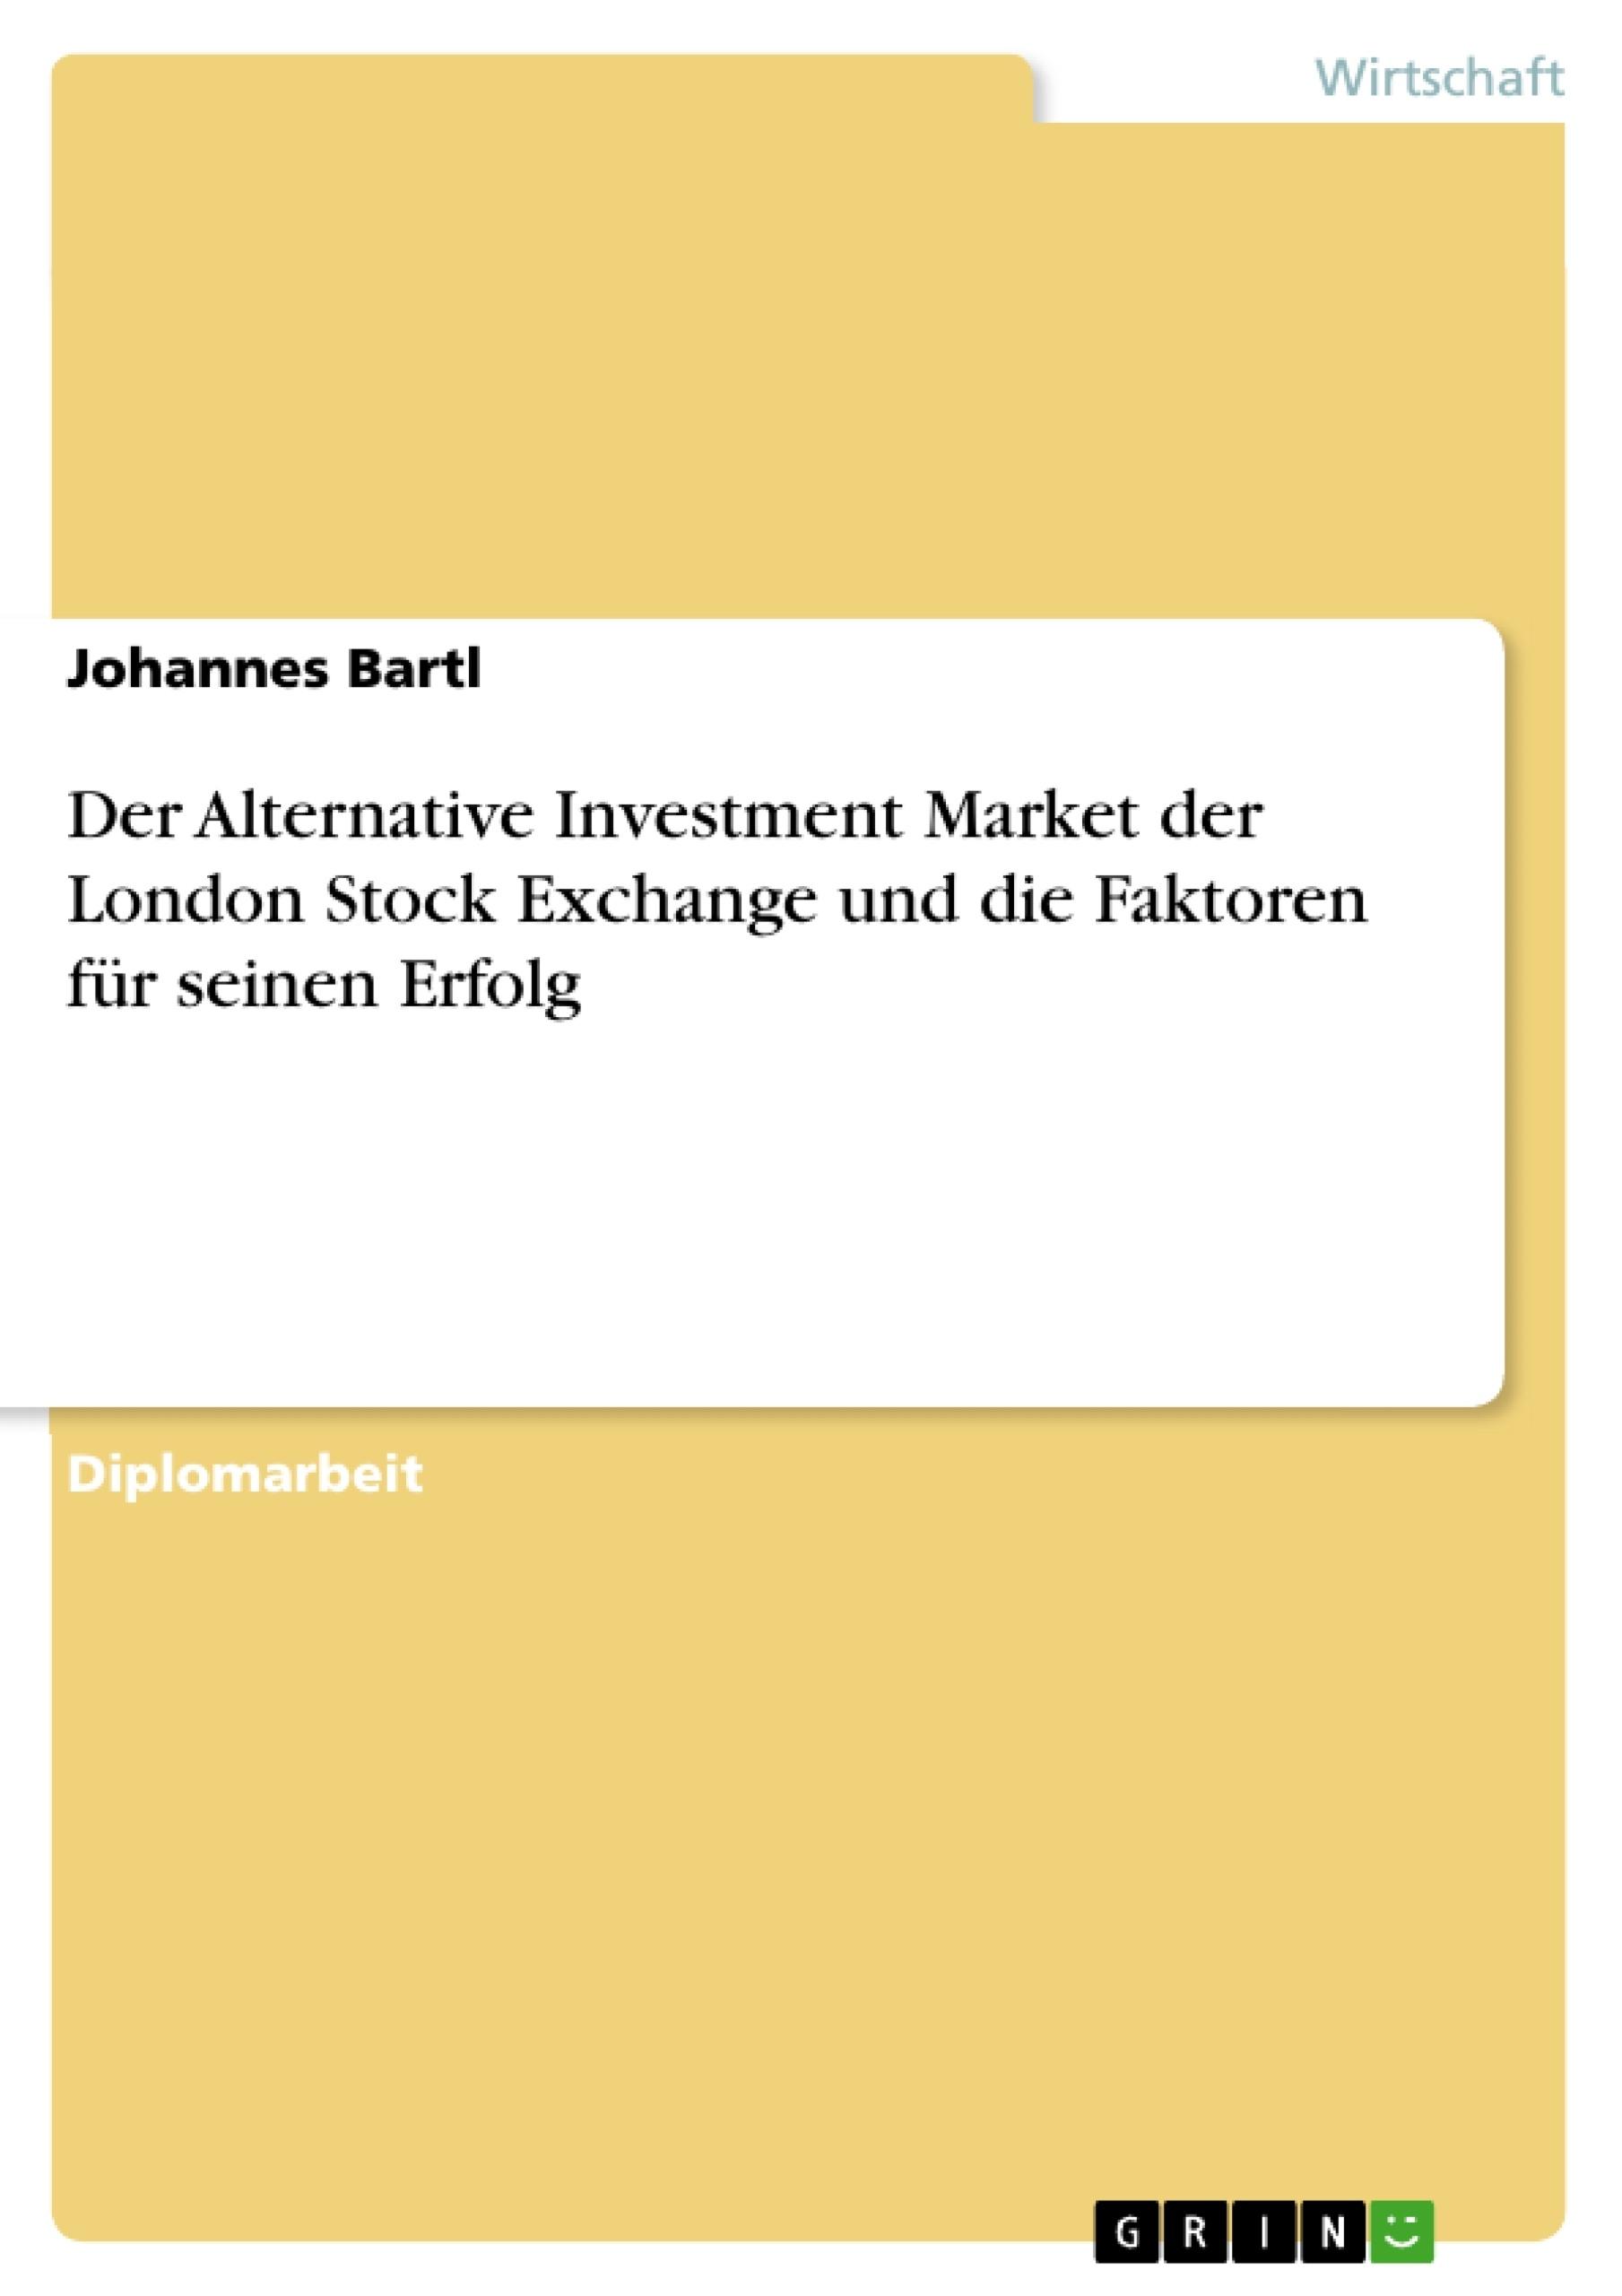 Titel: Der Alternative Investment Market der London Stock Exchange und die Faktoren für seinen Erfolg